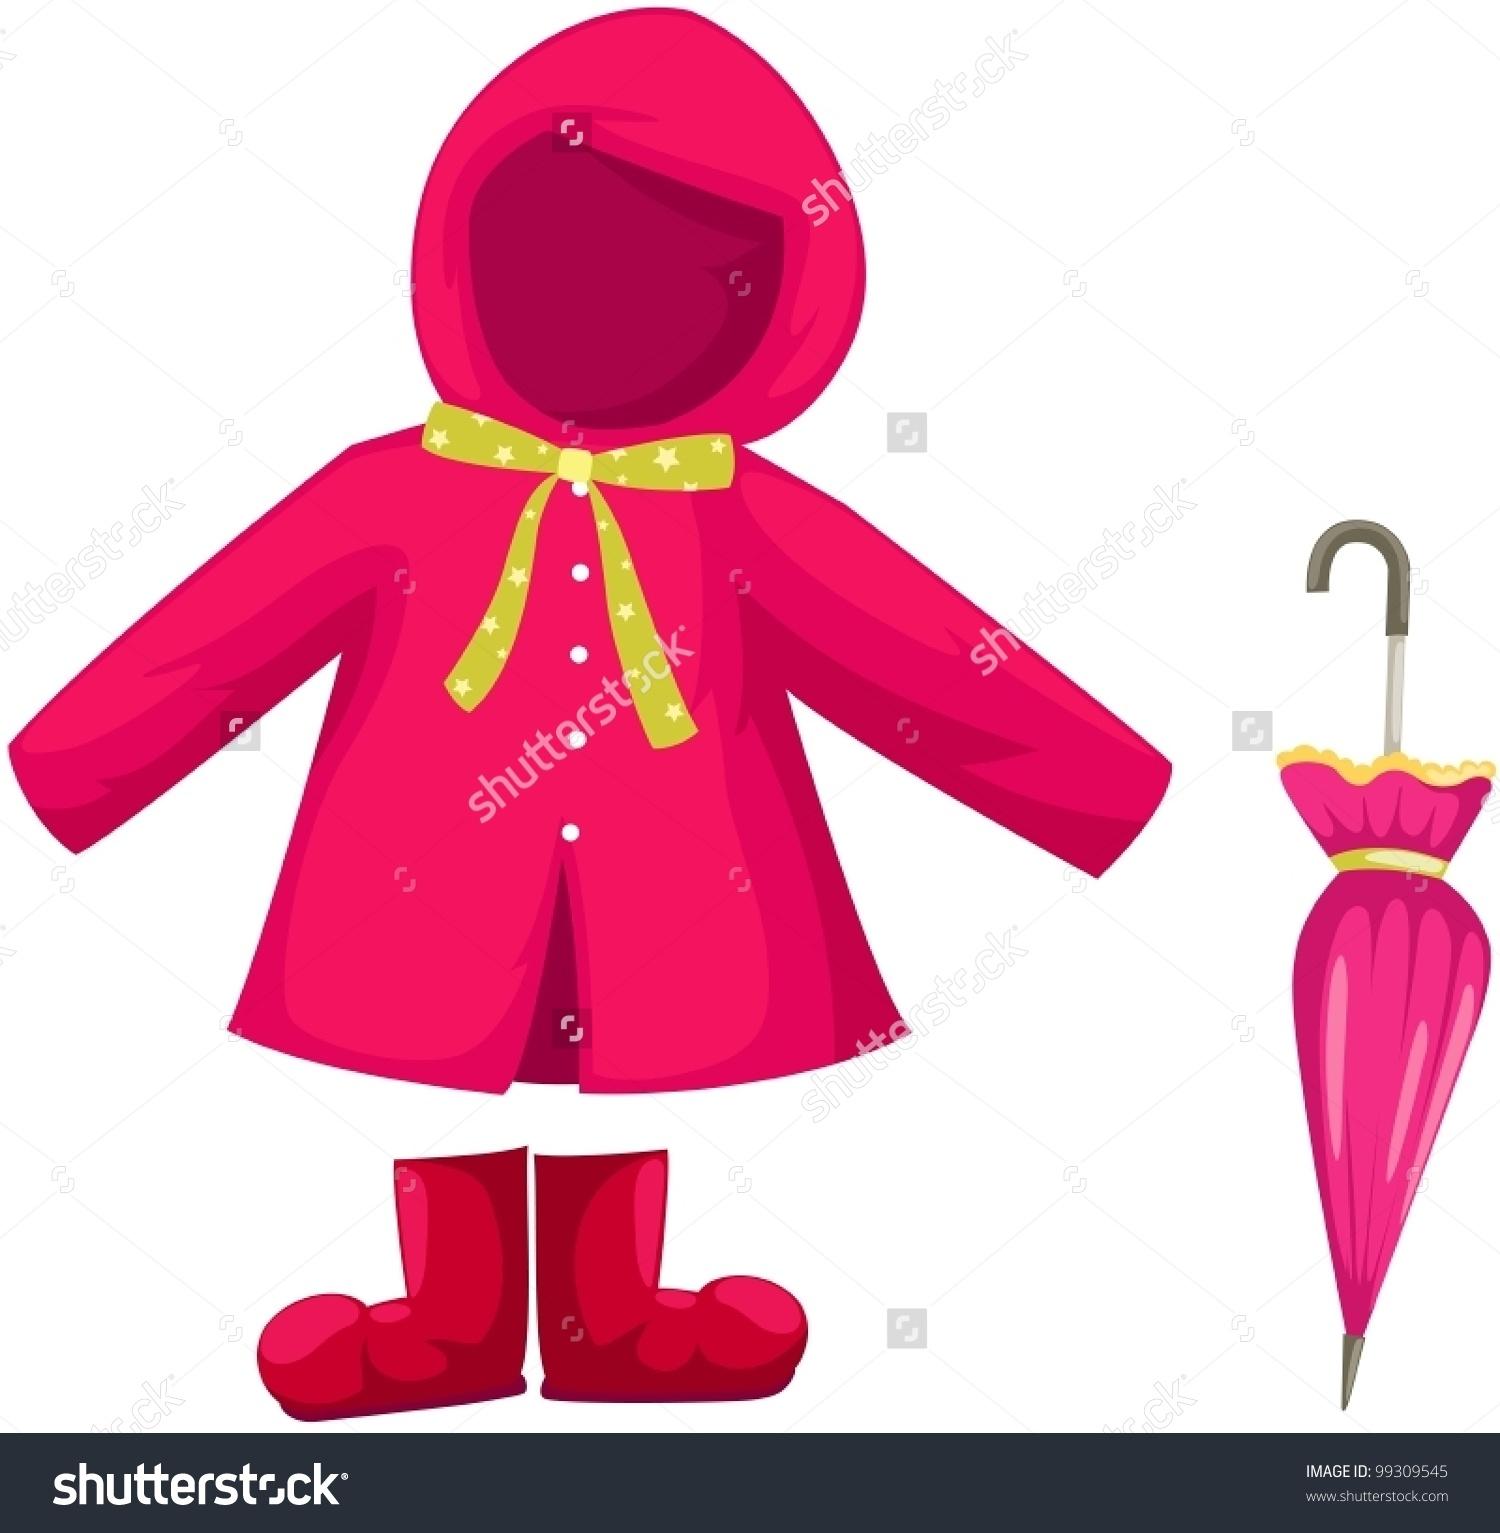 Coat Clipart Rainy Day Clothes Coat Rainy Day Clothes